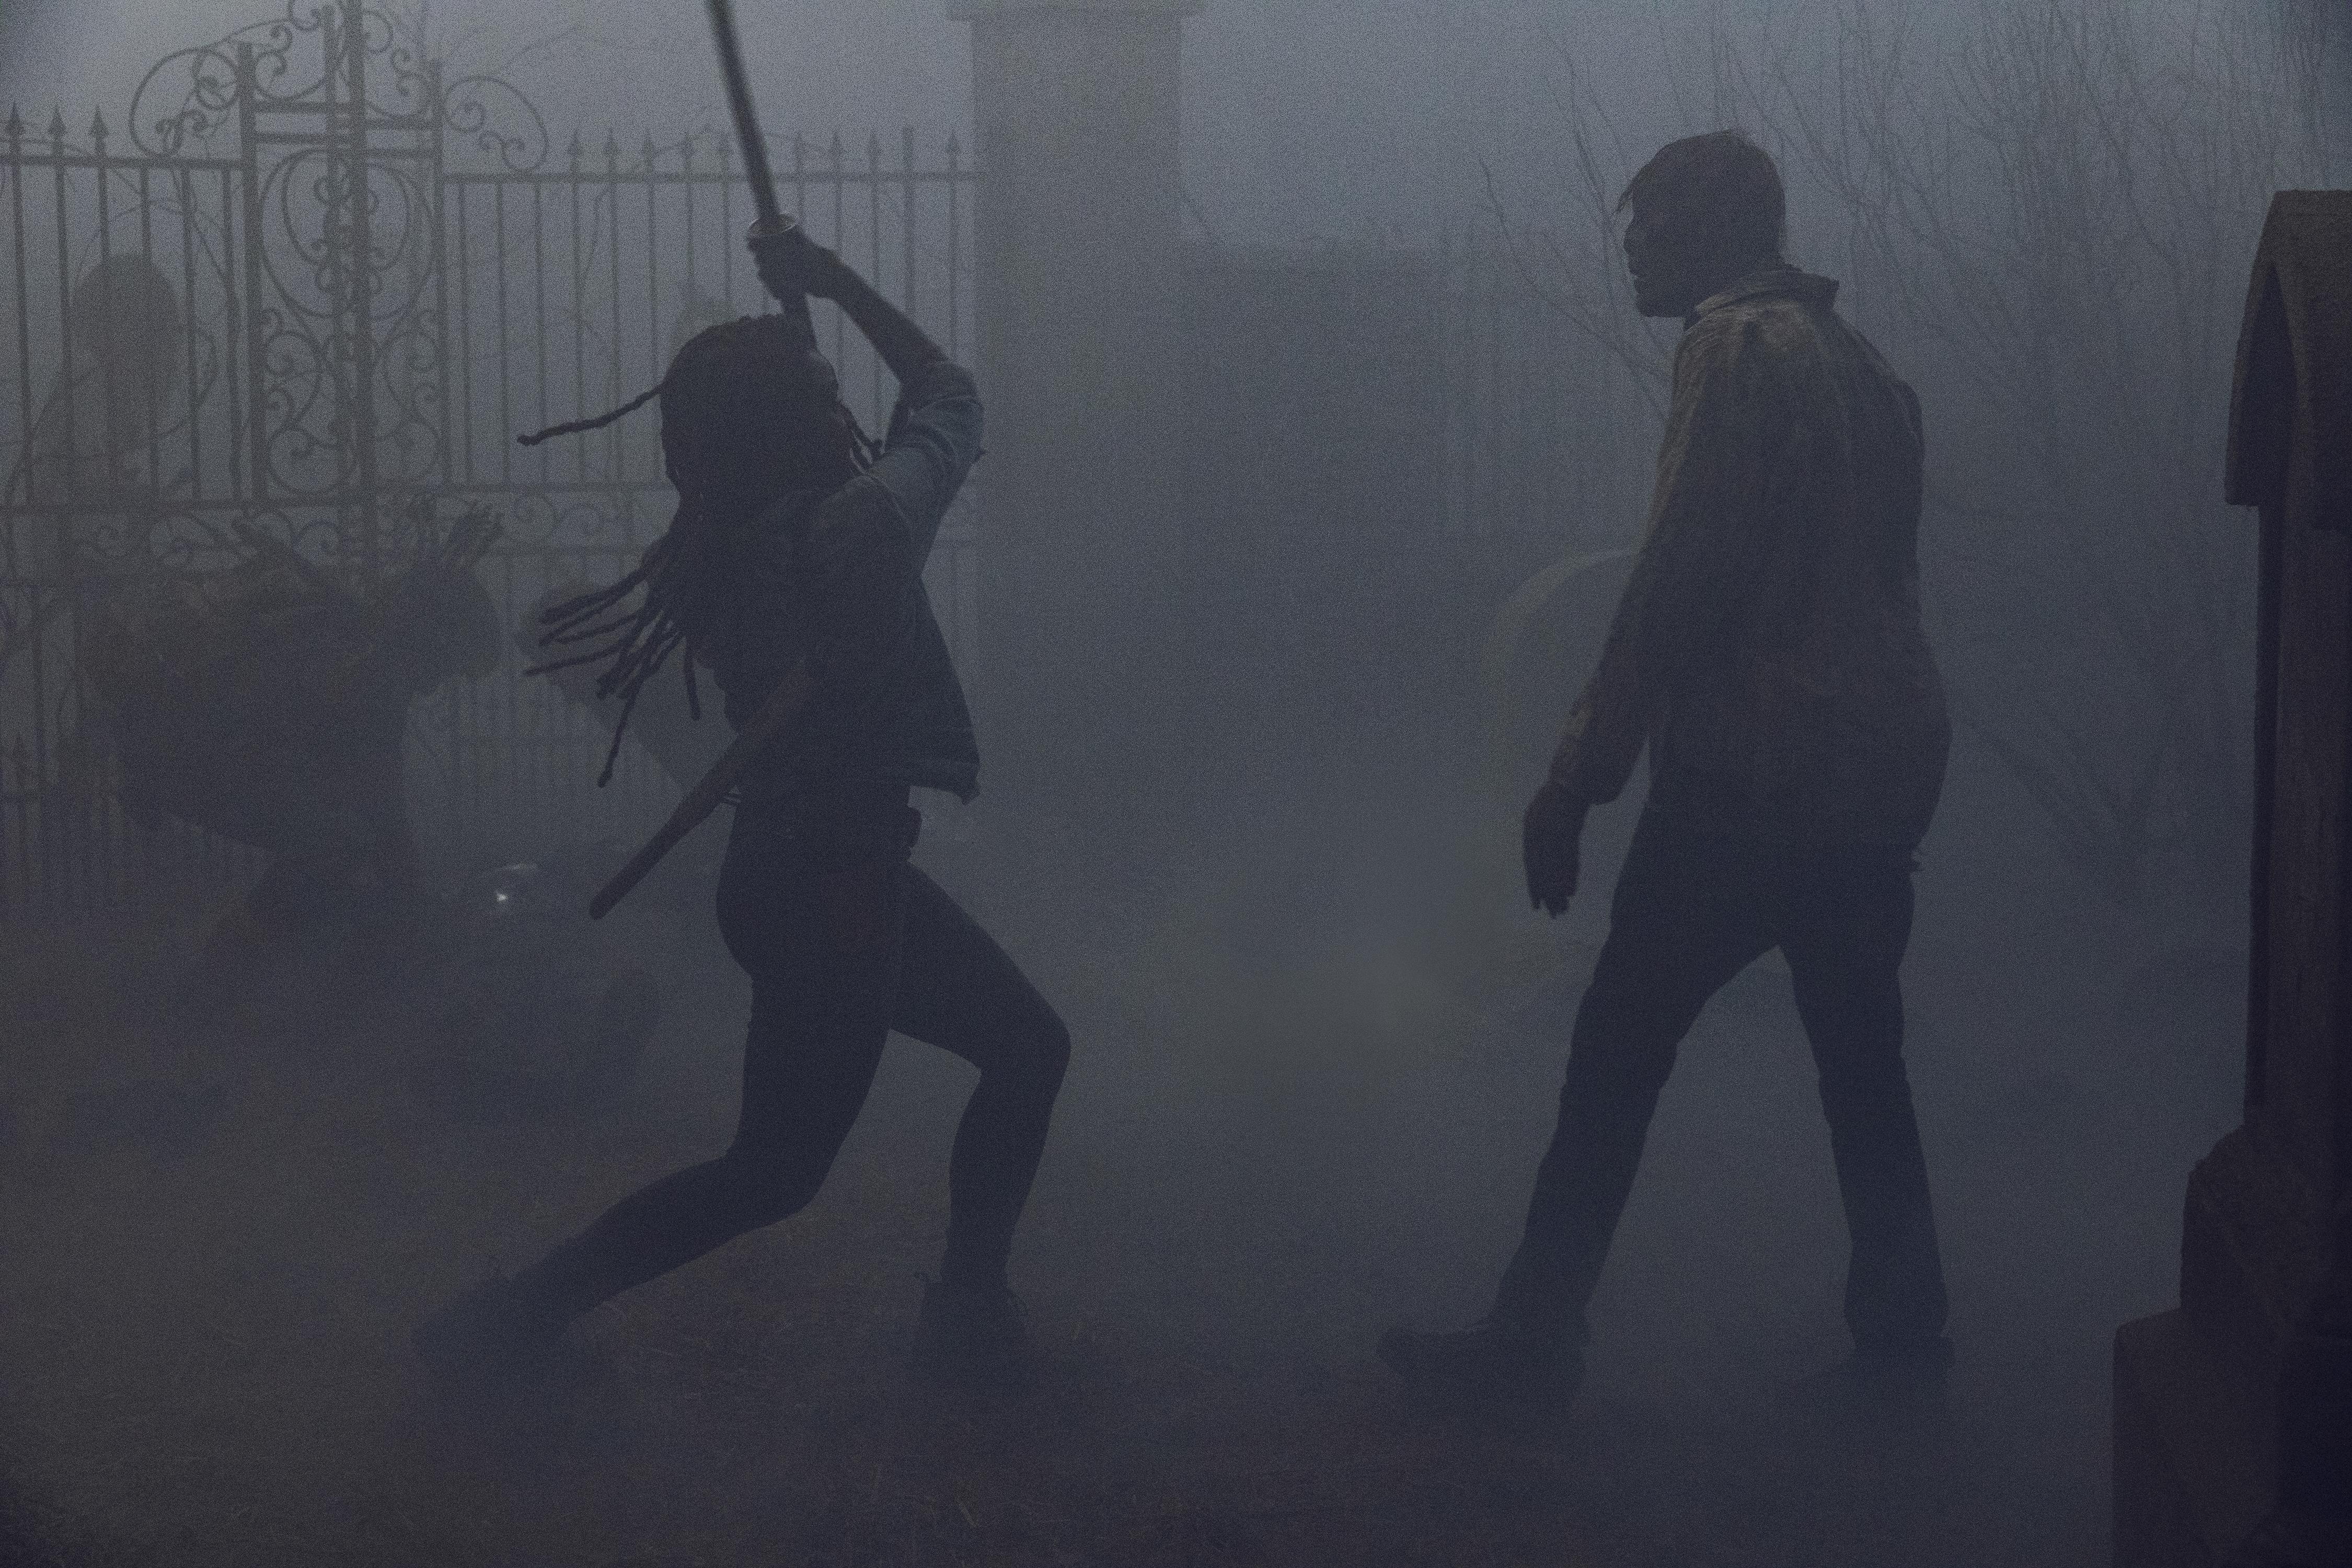 Michonne (Danai Gurira) protège les siens pendant qu'ils fuient le cimetière - The Walking Dead - Saison 9, Épisode 9 - Crédit Photo : Jackson Lee Davis/AMC